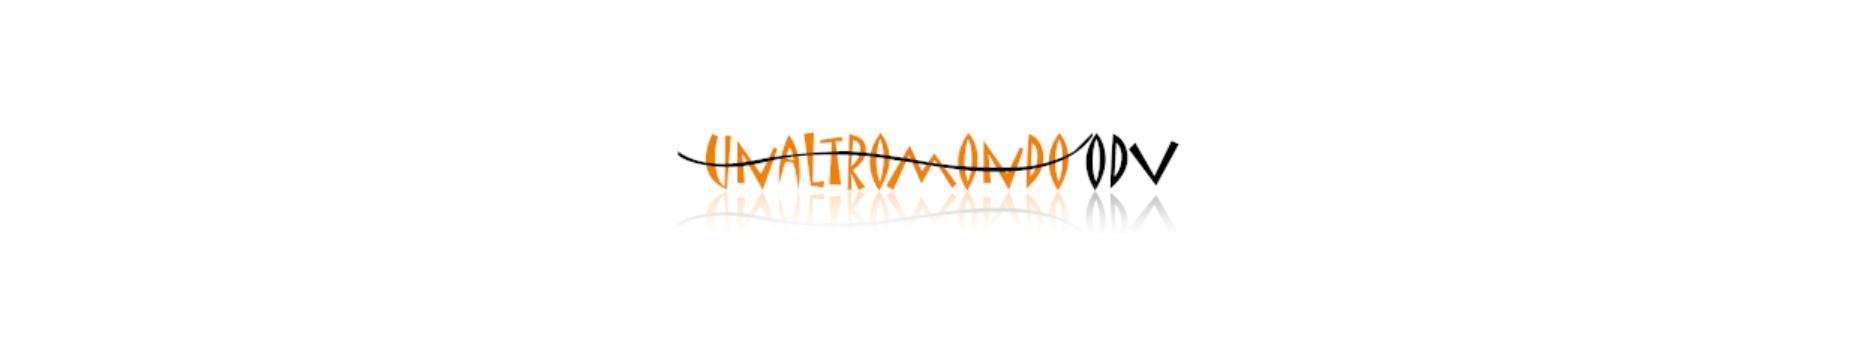 Associazione Un altro mondo ONLUS logo